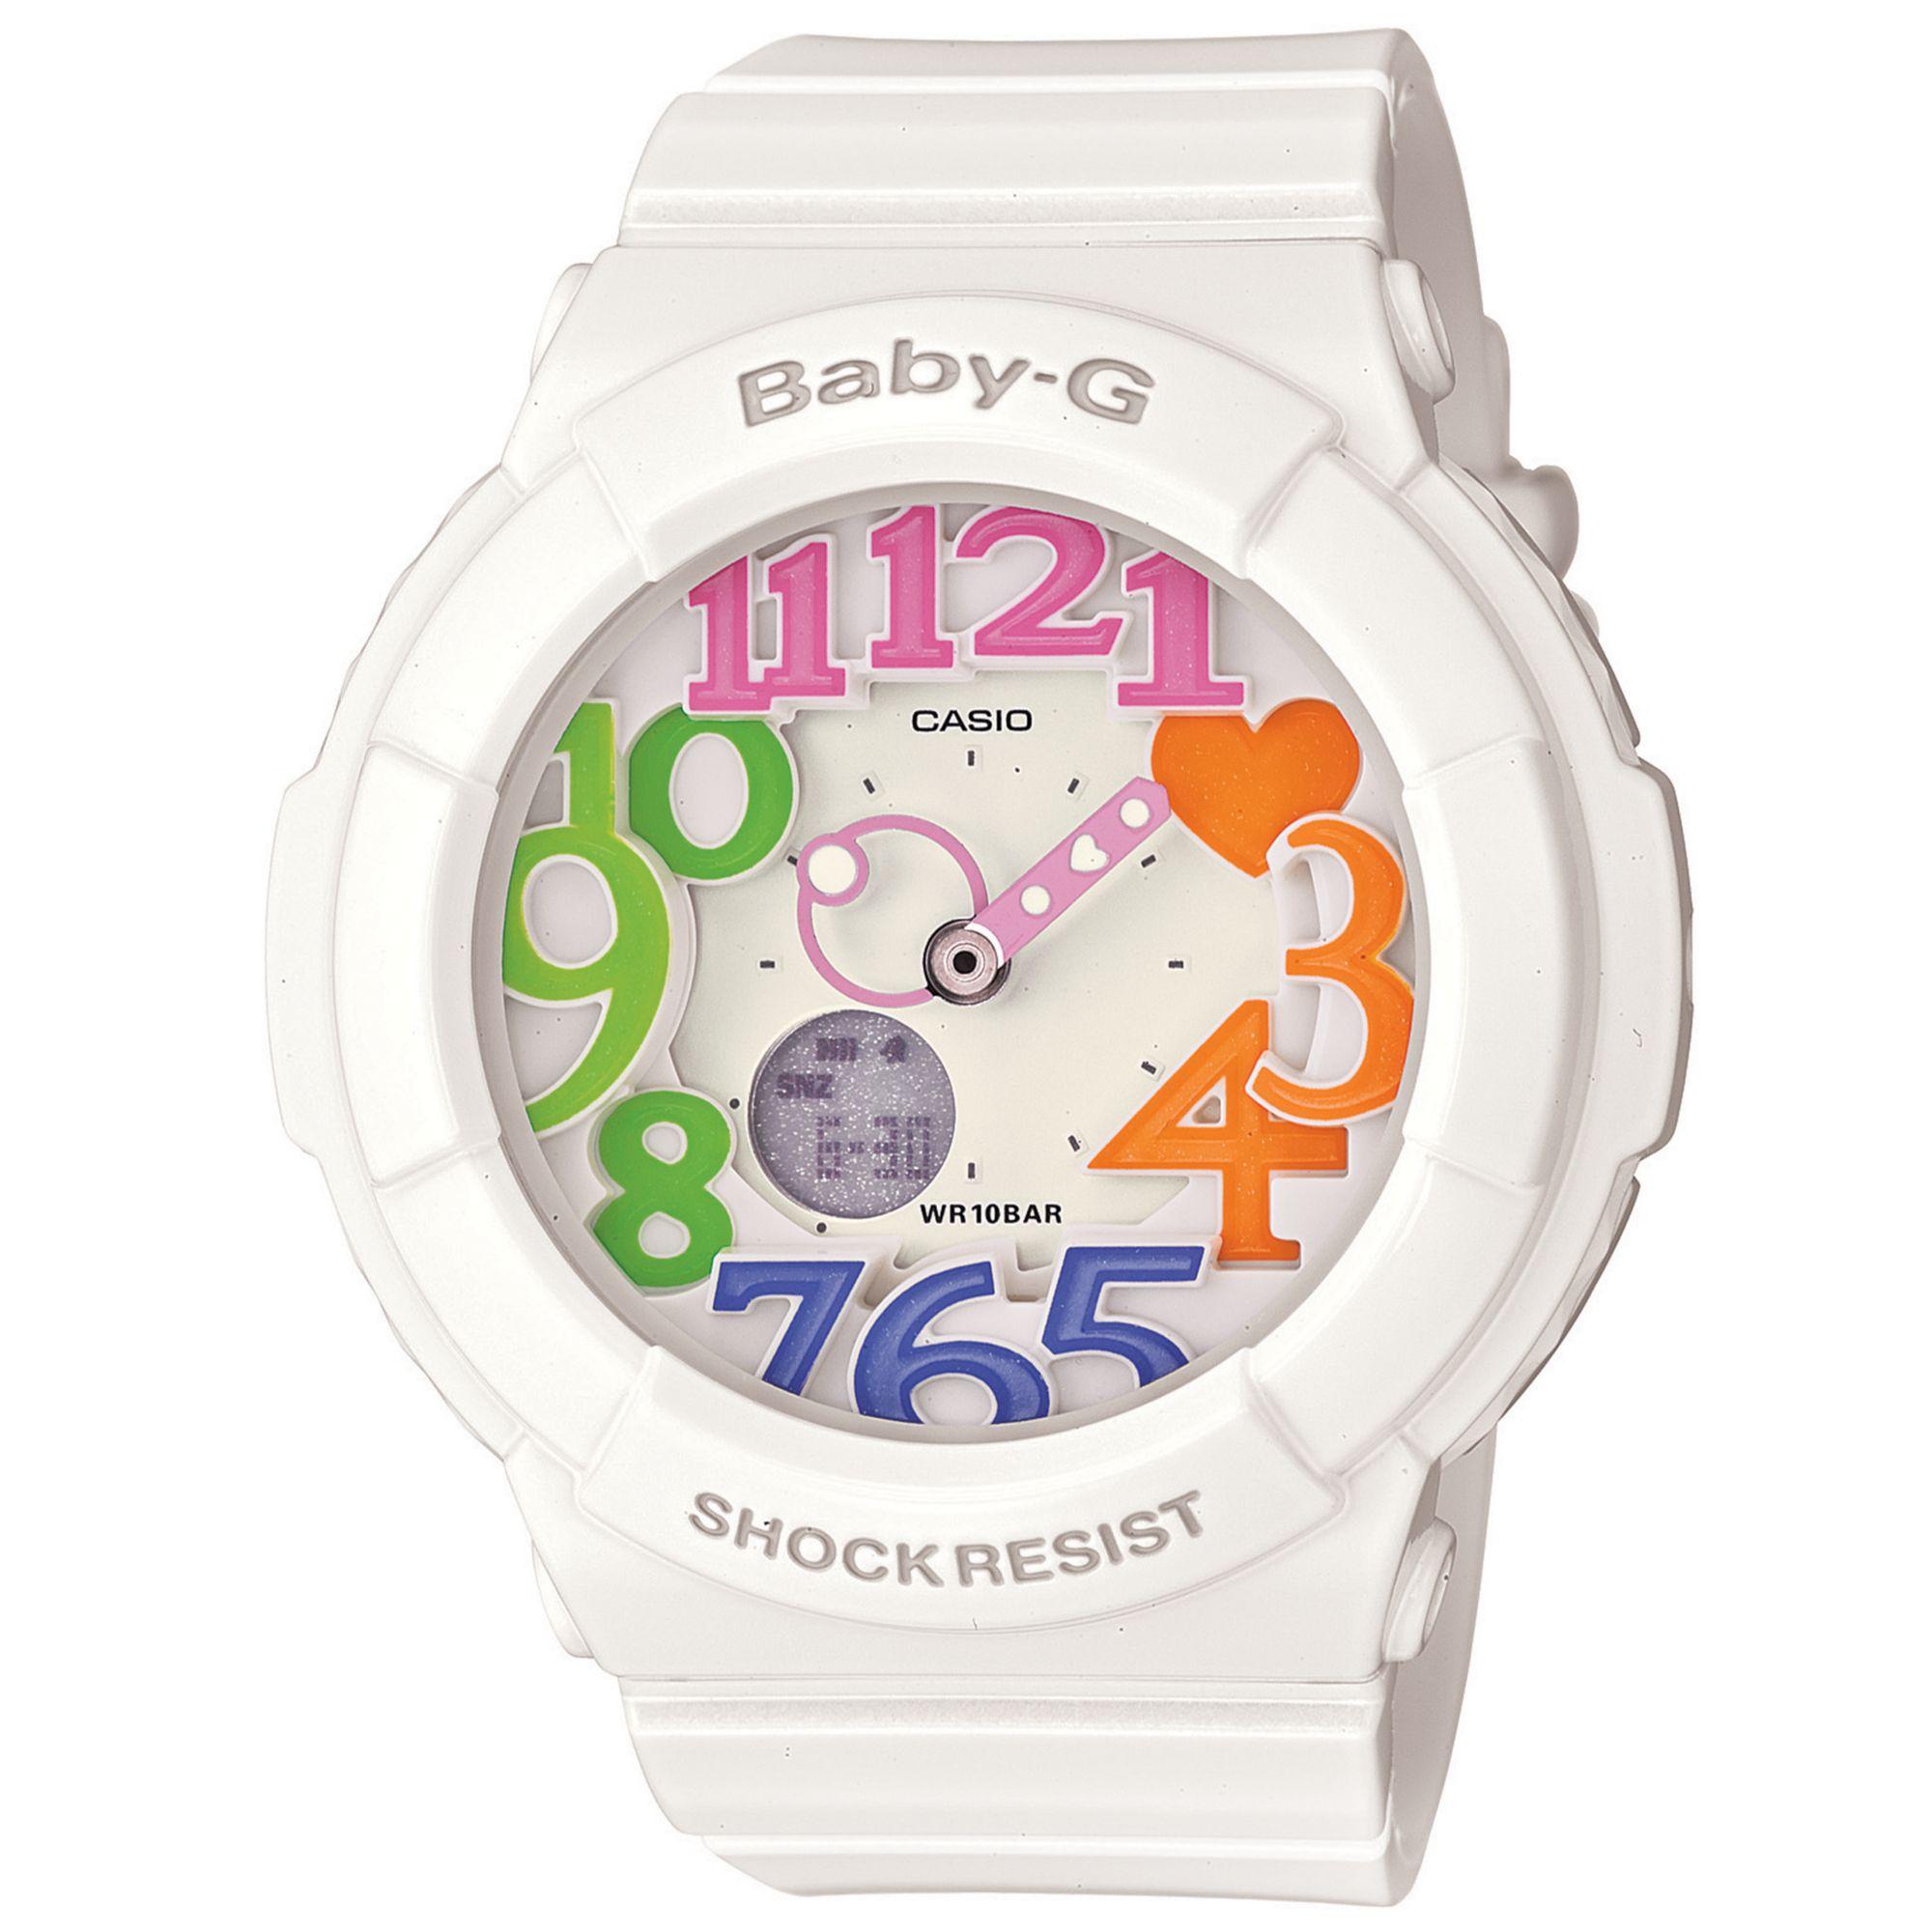 Lyst - G-Shock Babyg Womens Analogdigital White Resin Strap Watch ... b44f1e911